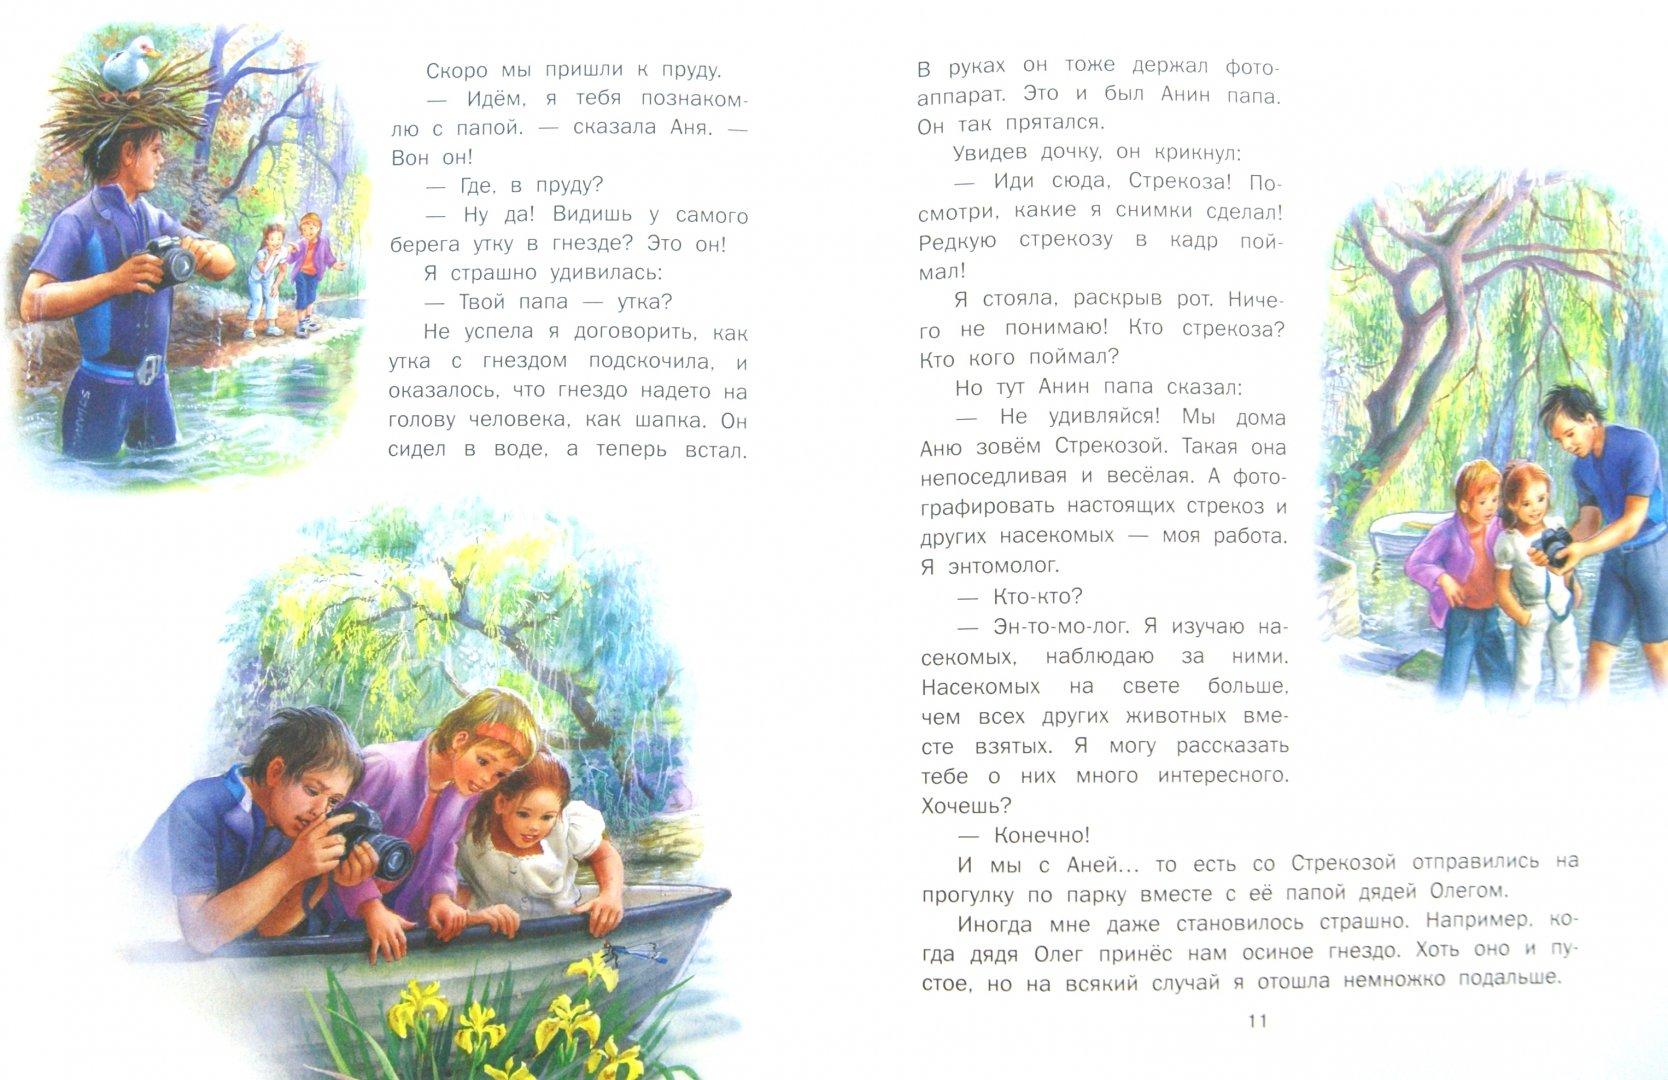 Иллюстрация 1 из 11 для Маруся на каникулах. На даче, в зоопарке - Делаэ, Марлье   Лабиринт - книги. Источник: Лабиринт